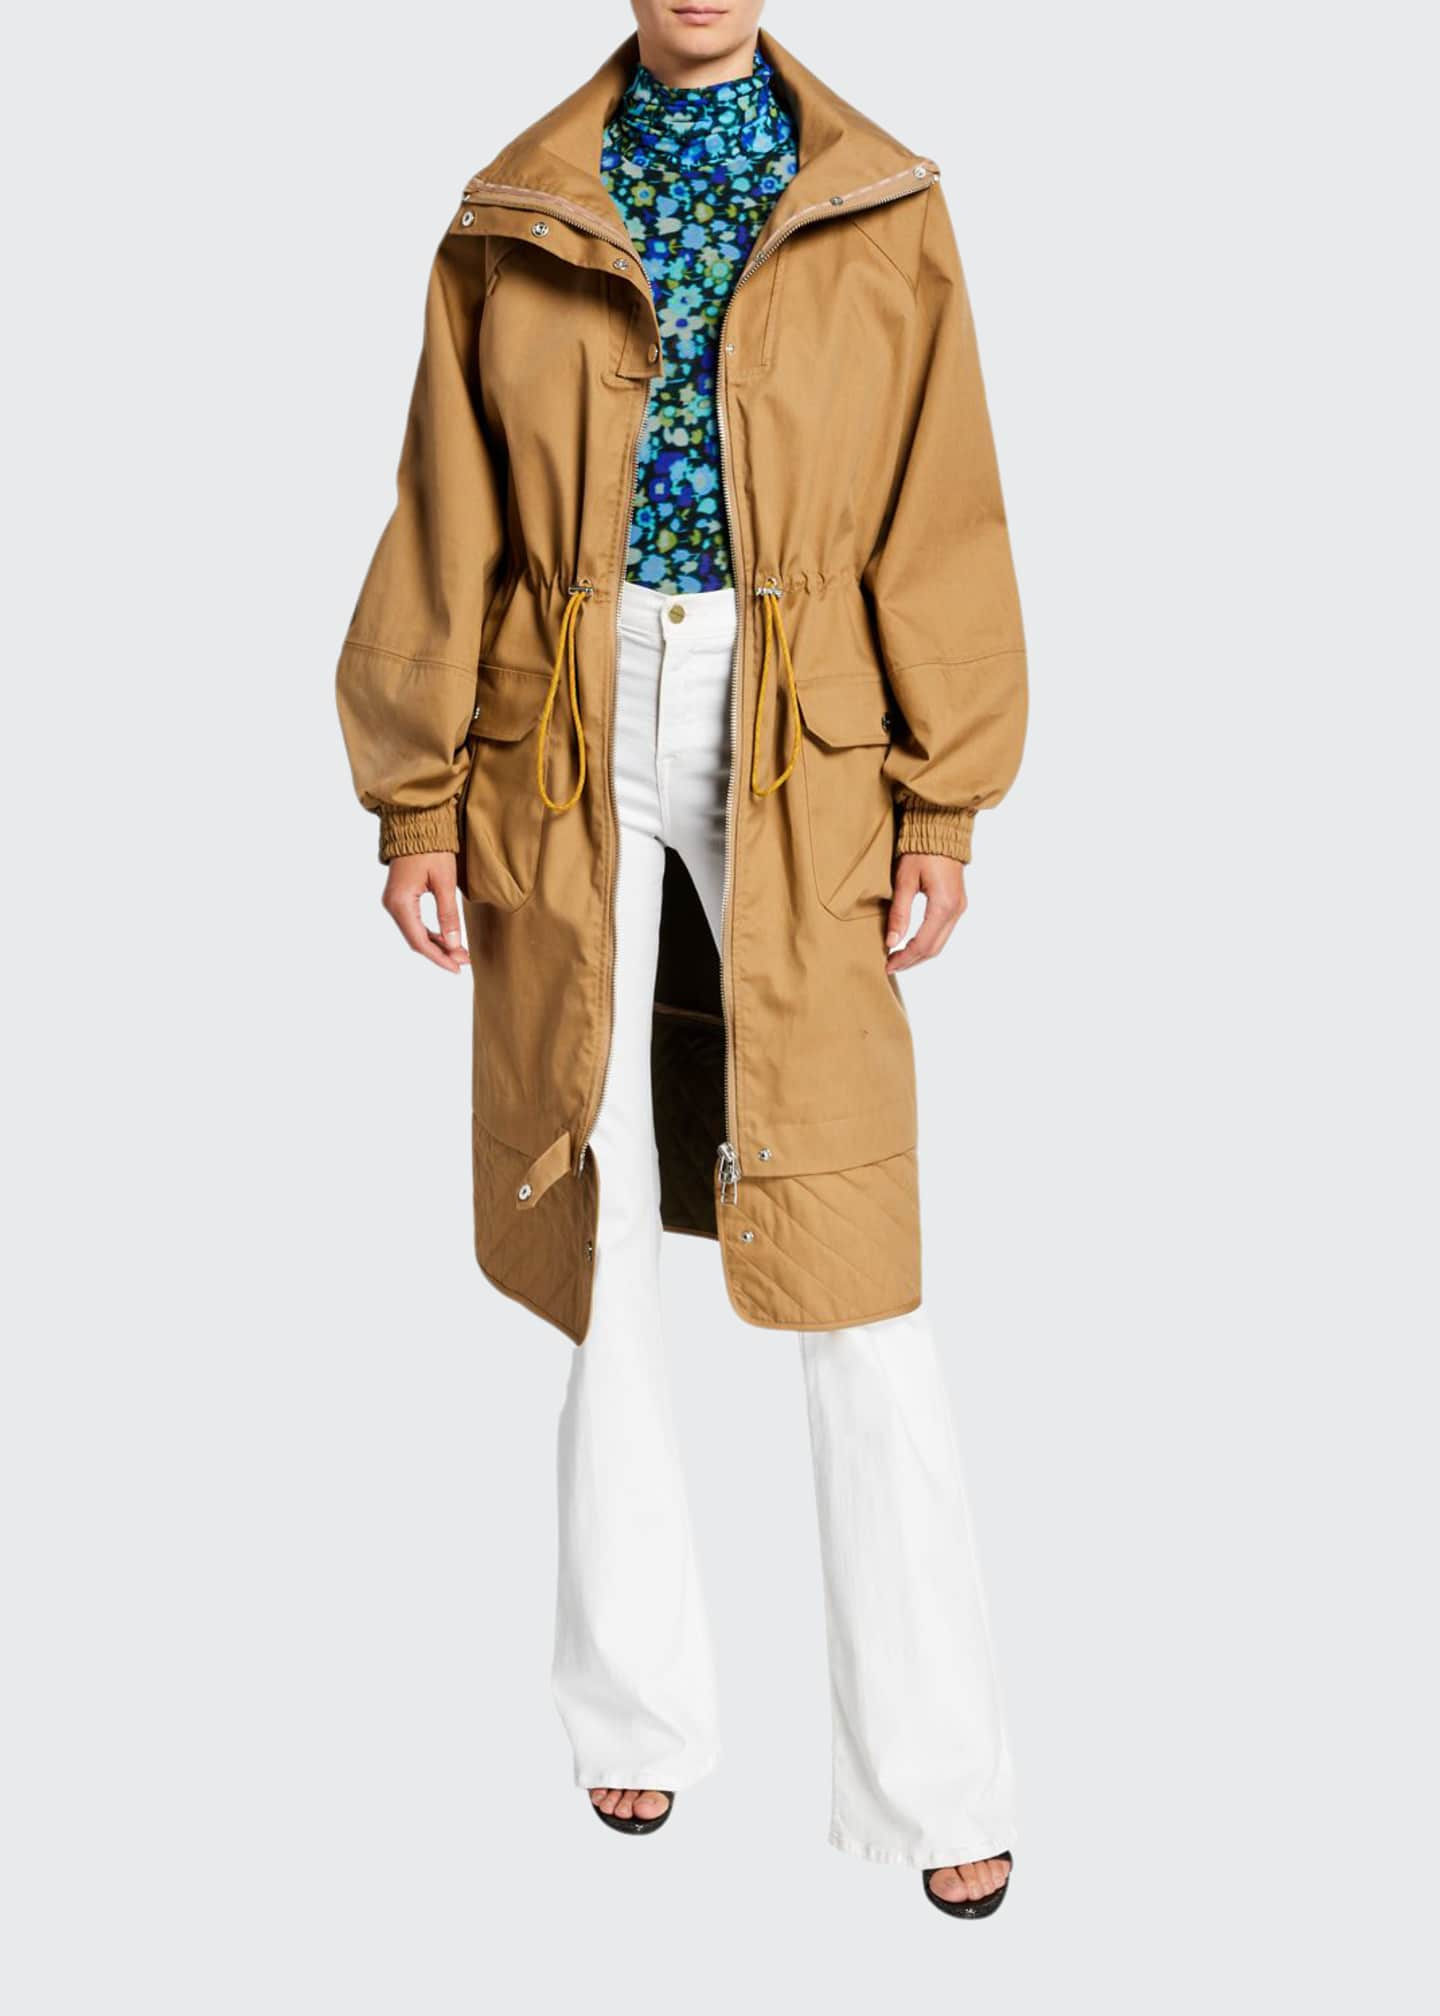 Ganni Double-Layer Cotton Parka Jacket